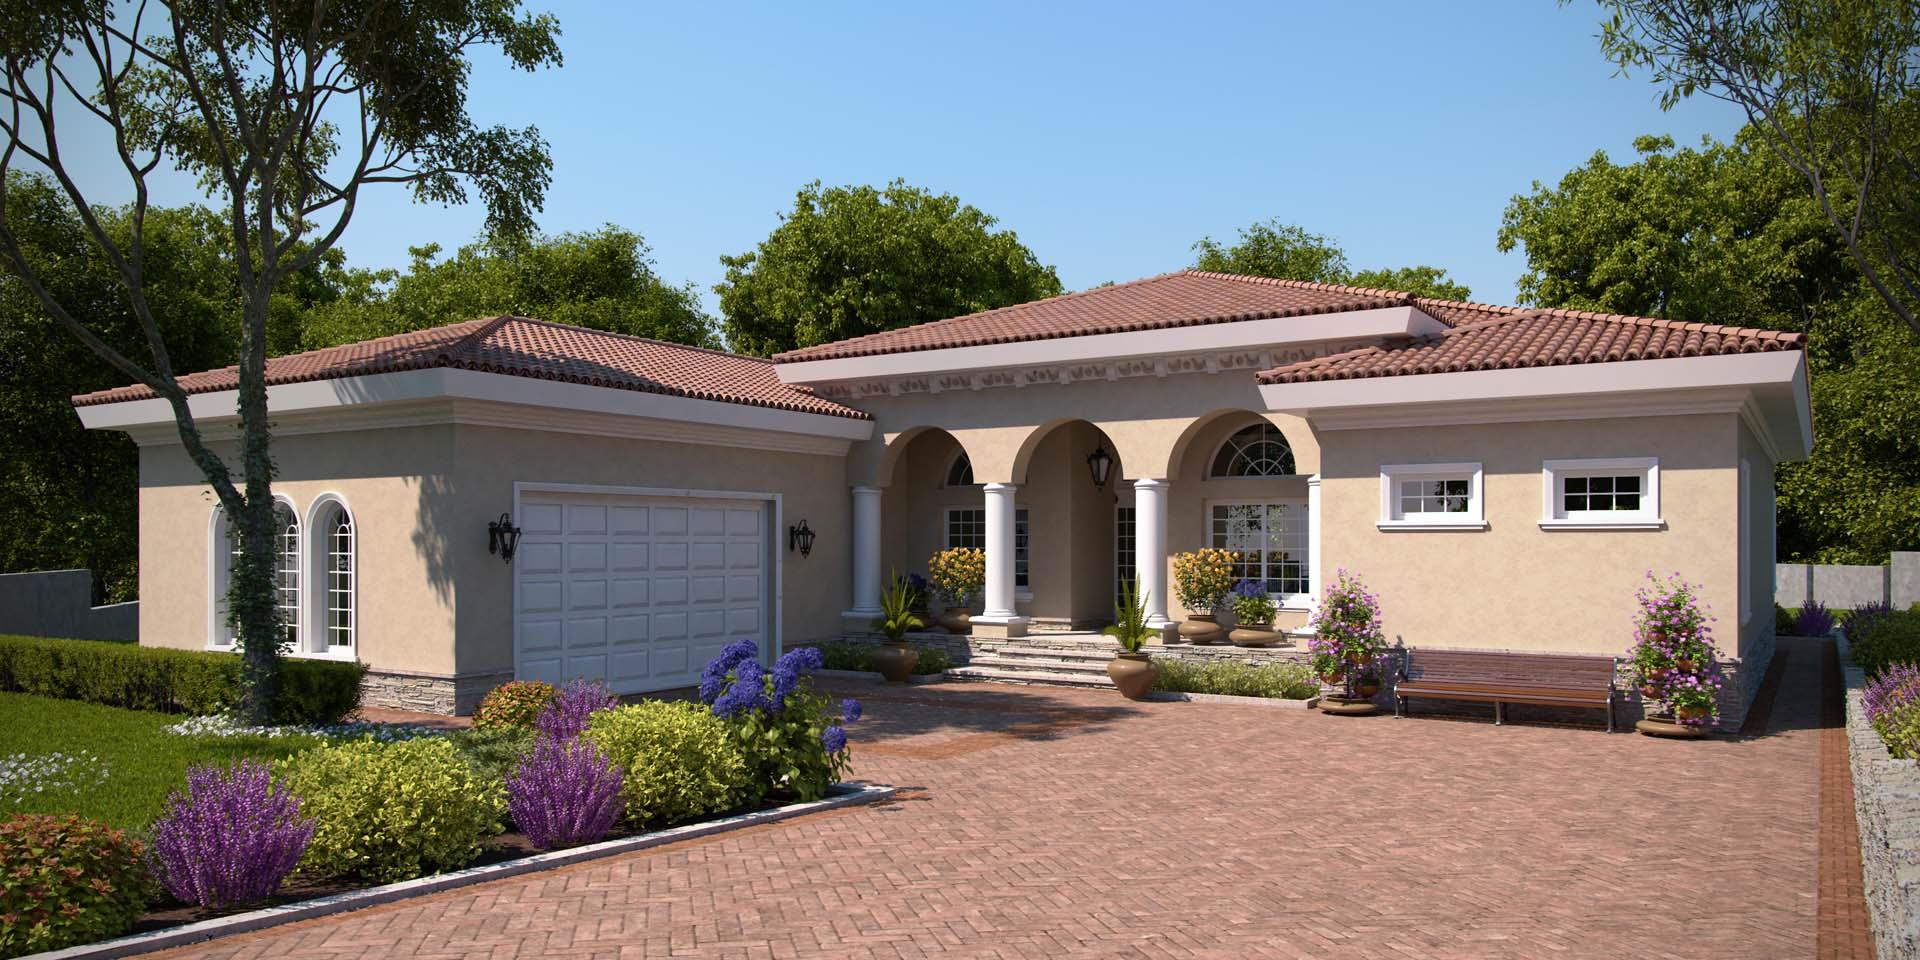 Maison familiale dans un style moderne avec des arches